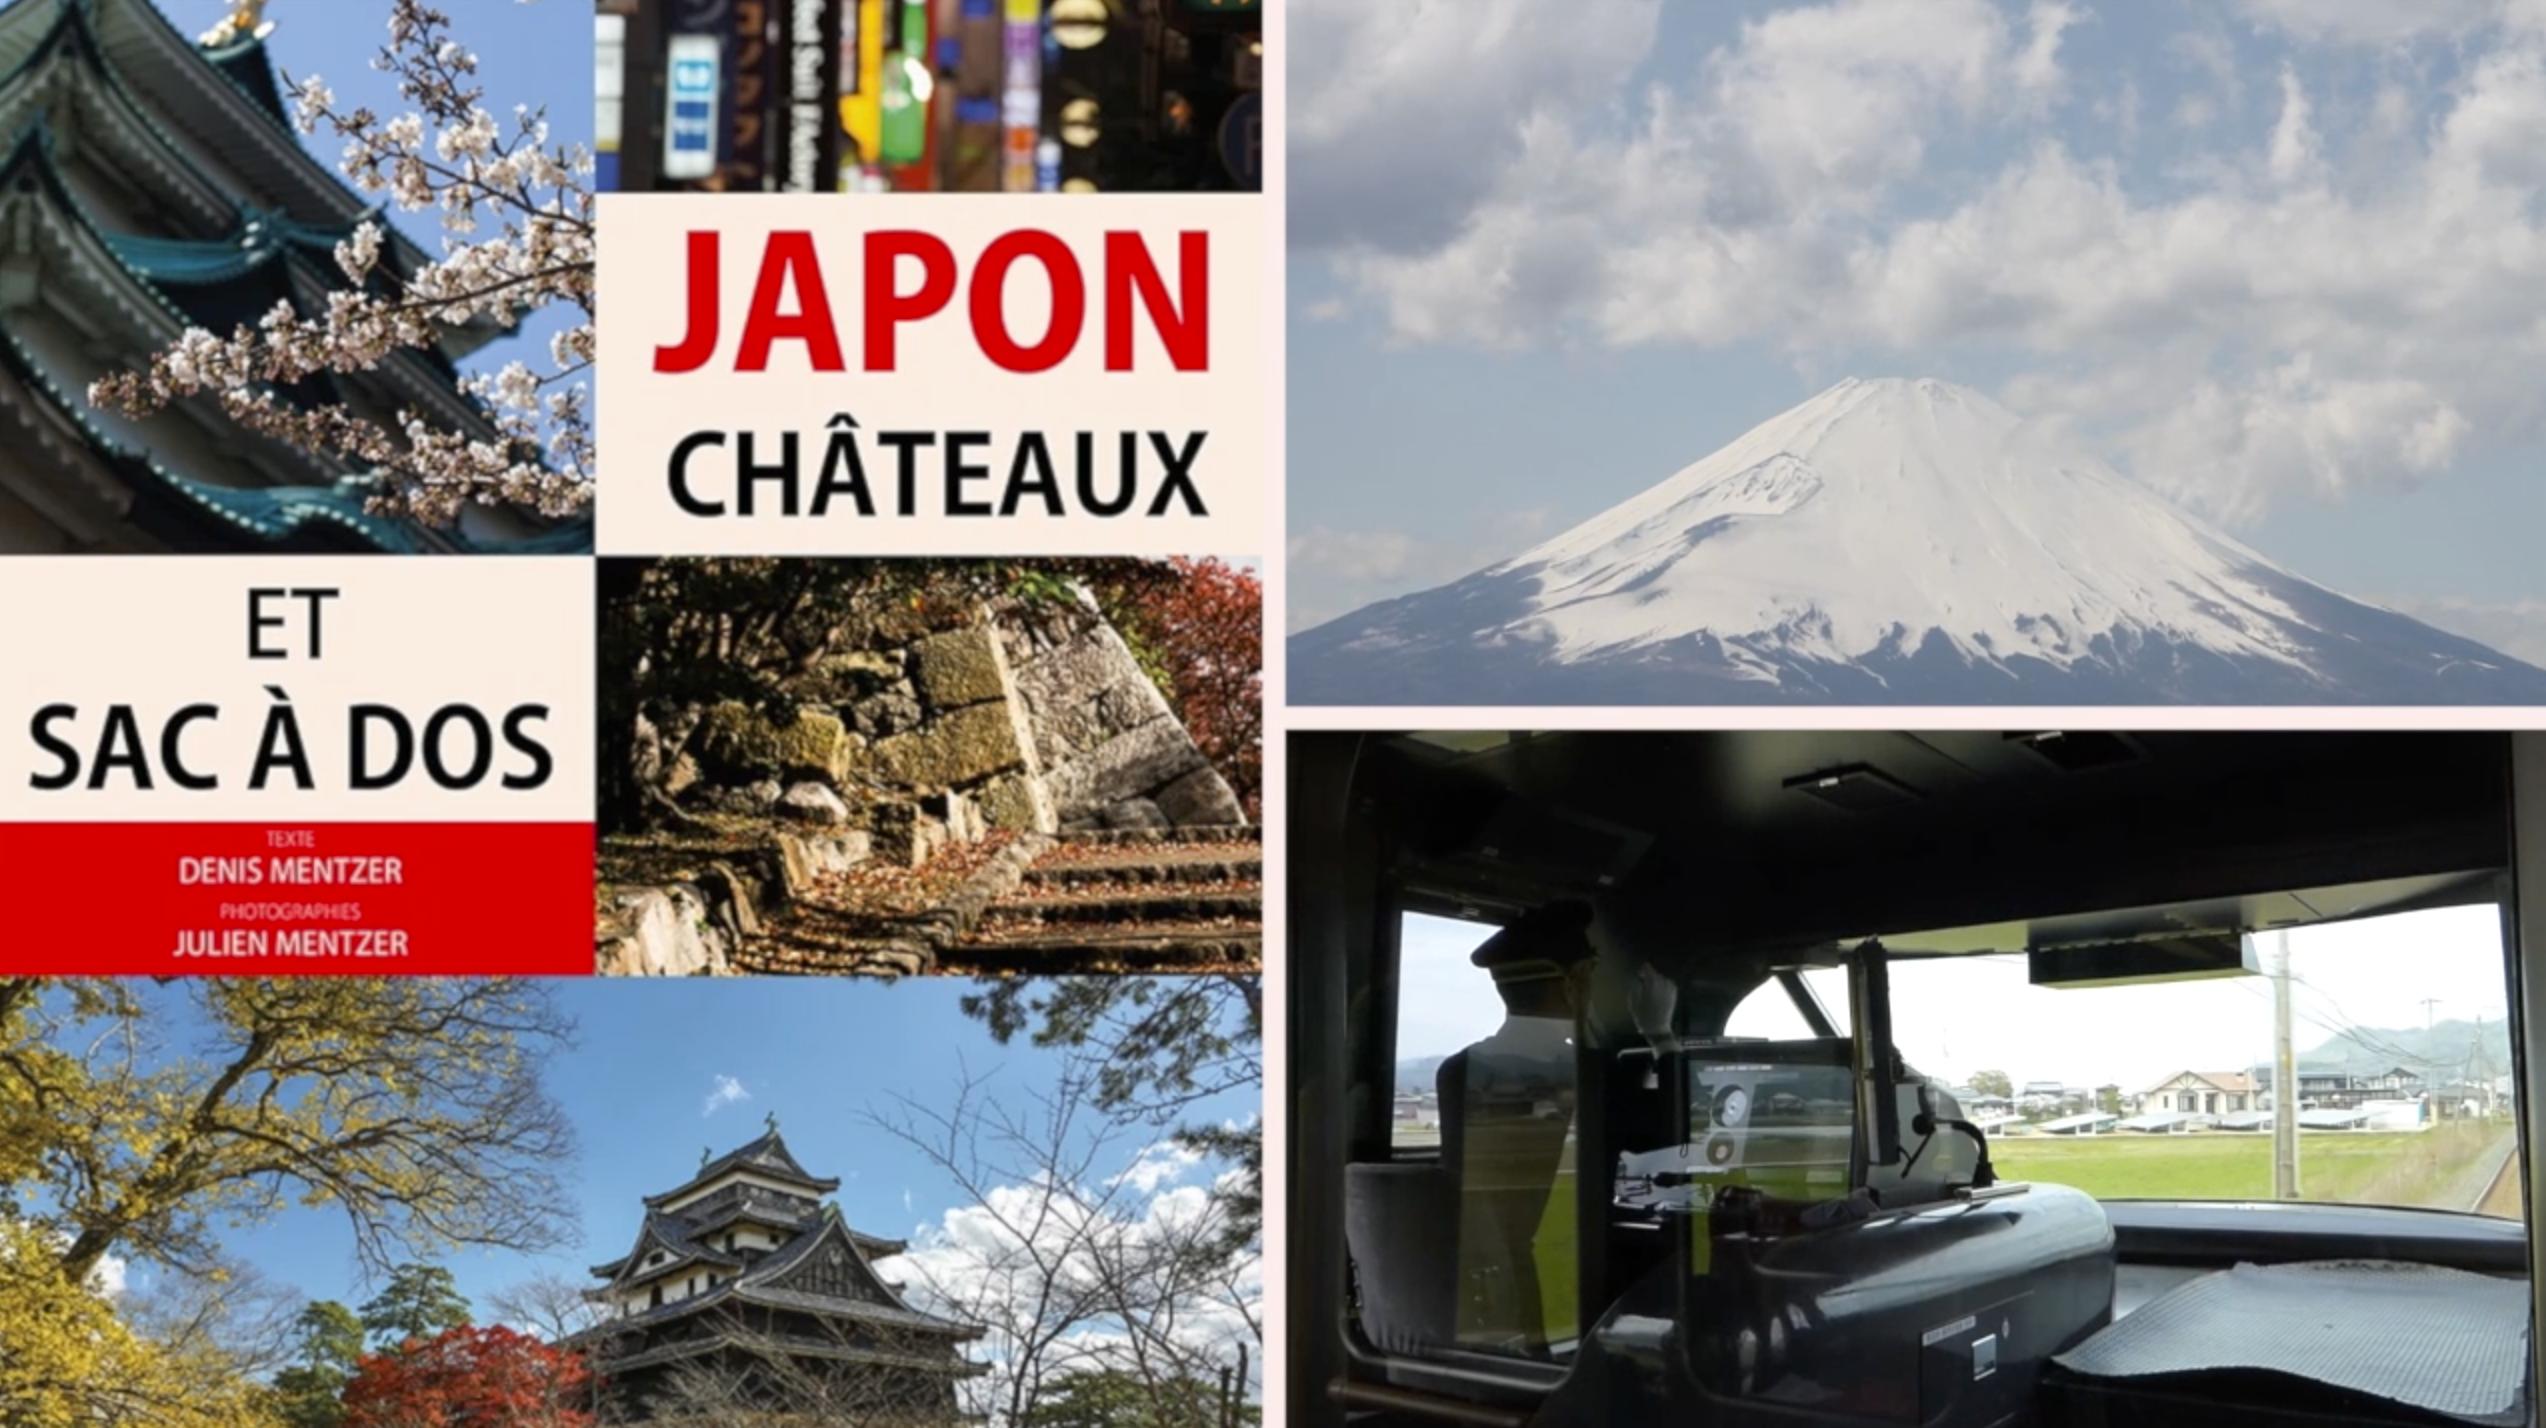 L'épisode 2 de notre webdoc sur le Japon est là